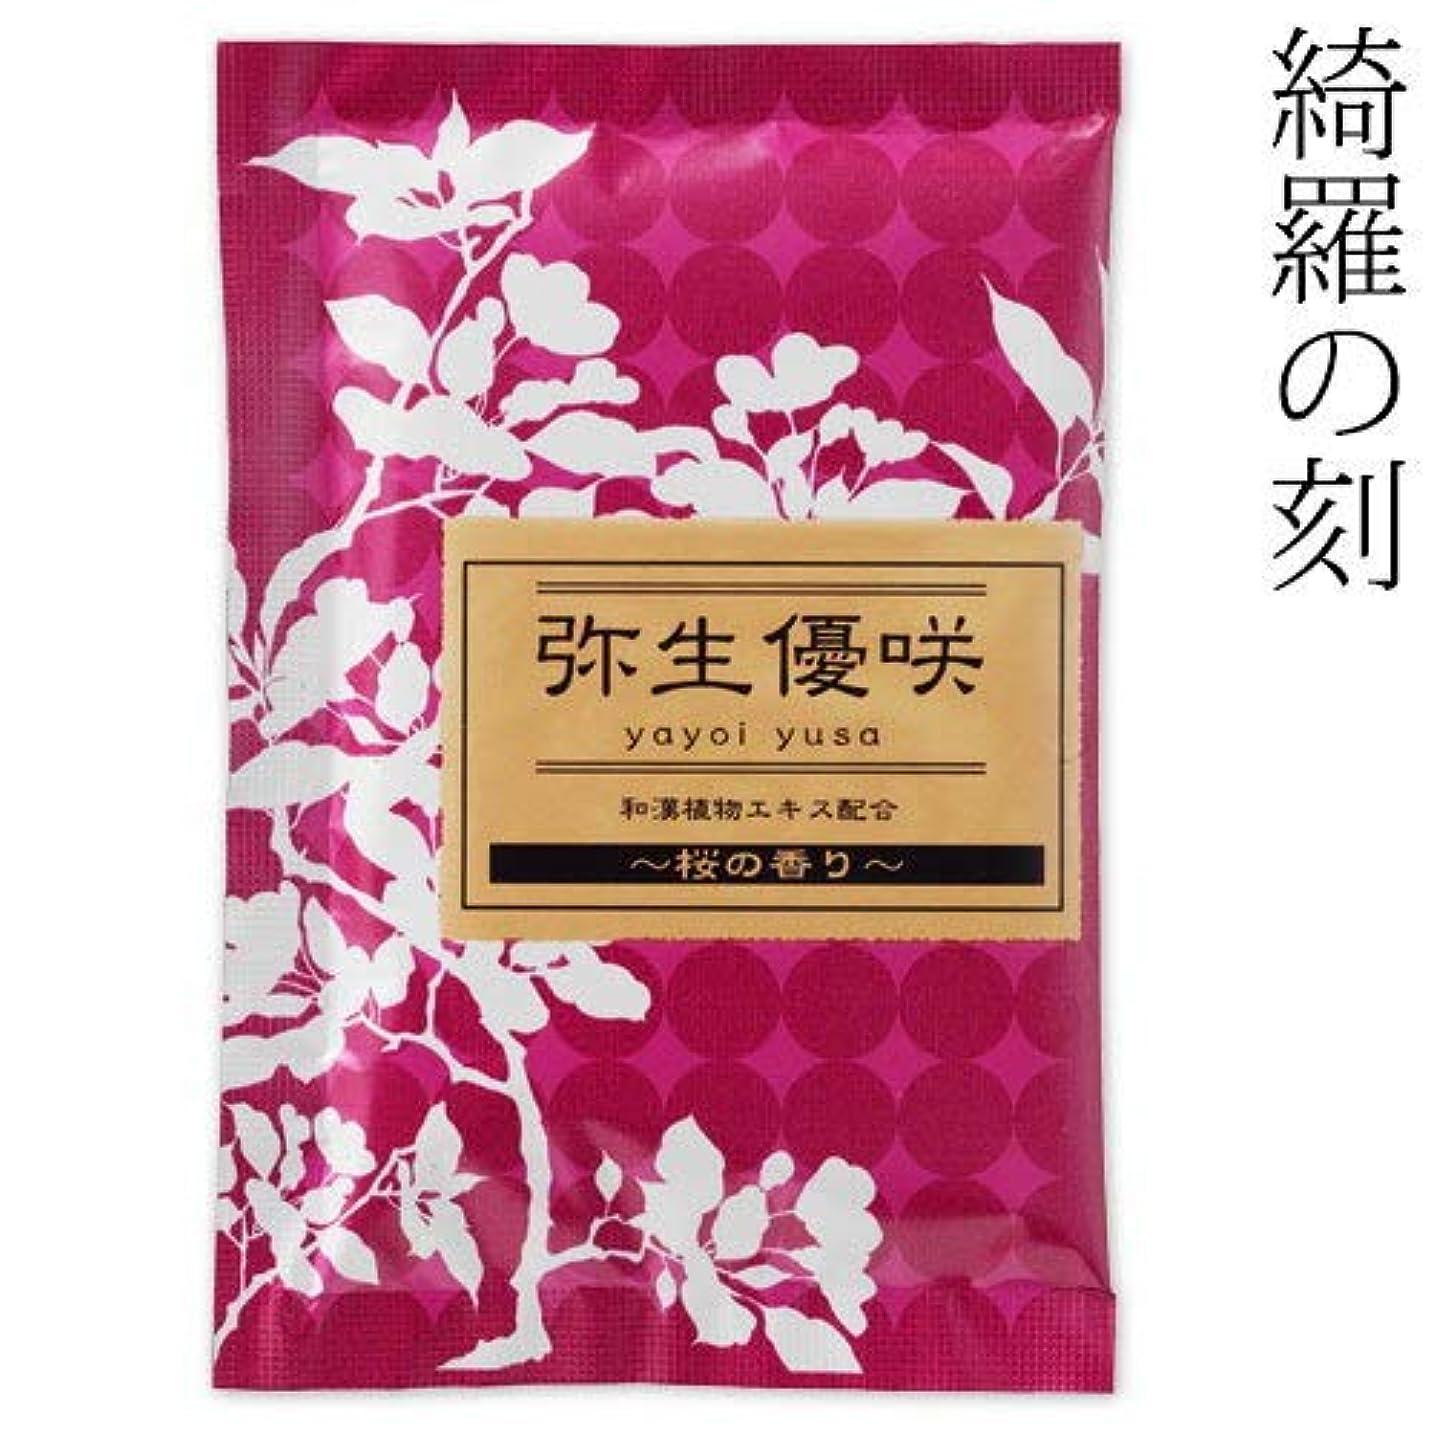 驚くべき挽く肺入浴剤綺羅の刻桜の香り弥生優咲1包石川県のお風呂グッズBath additive, Ishikawa craft